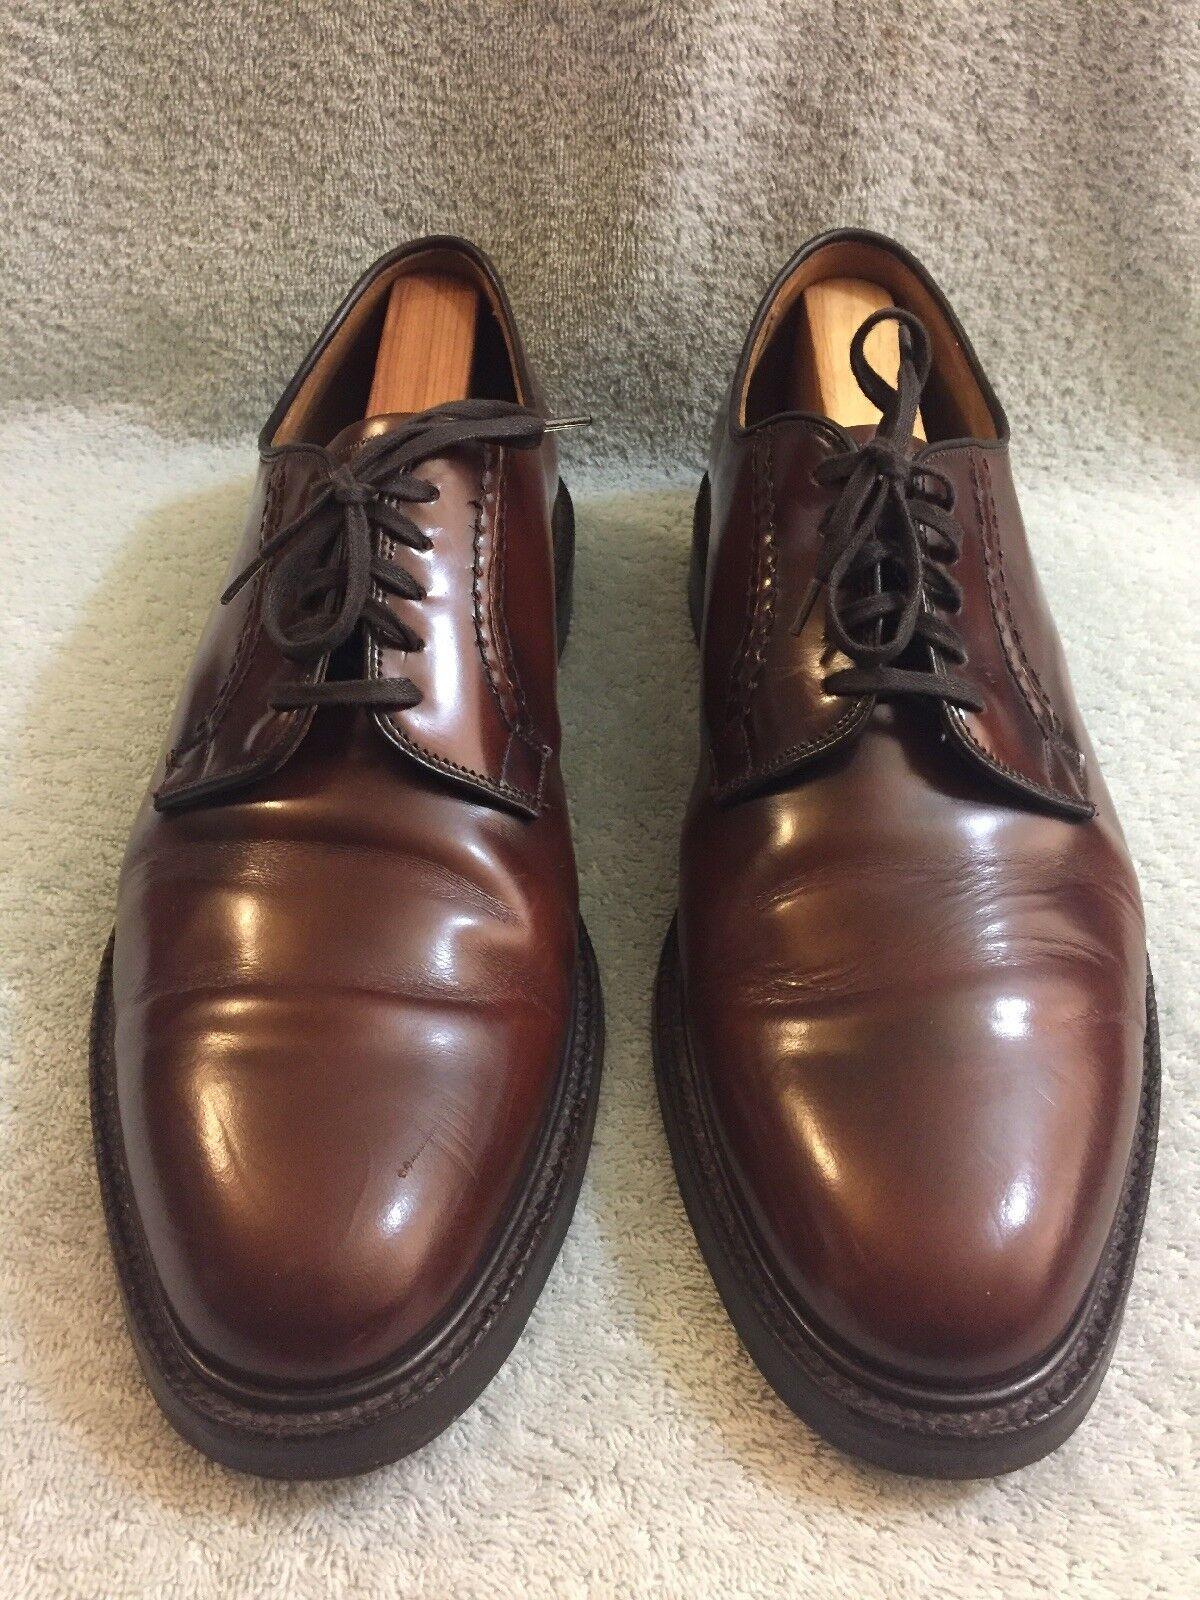 CHEANEY mano hecha a mano en Inglaterra Zapatos Con Cordones Borgoña para Hombre L 13